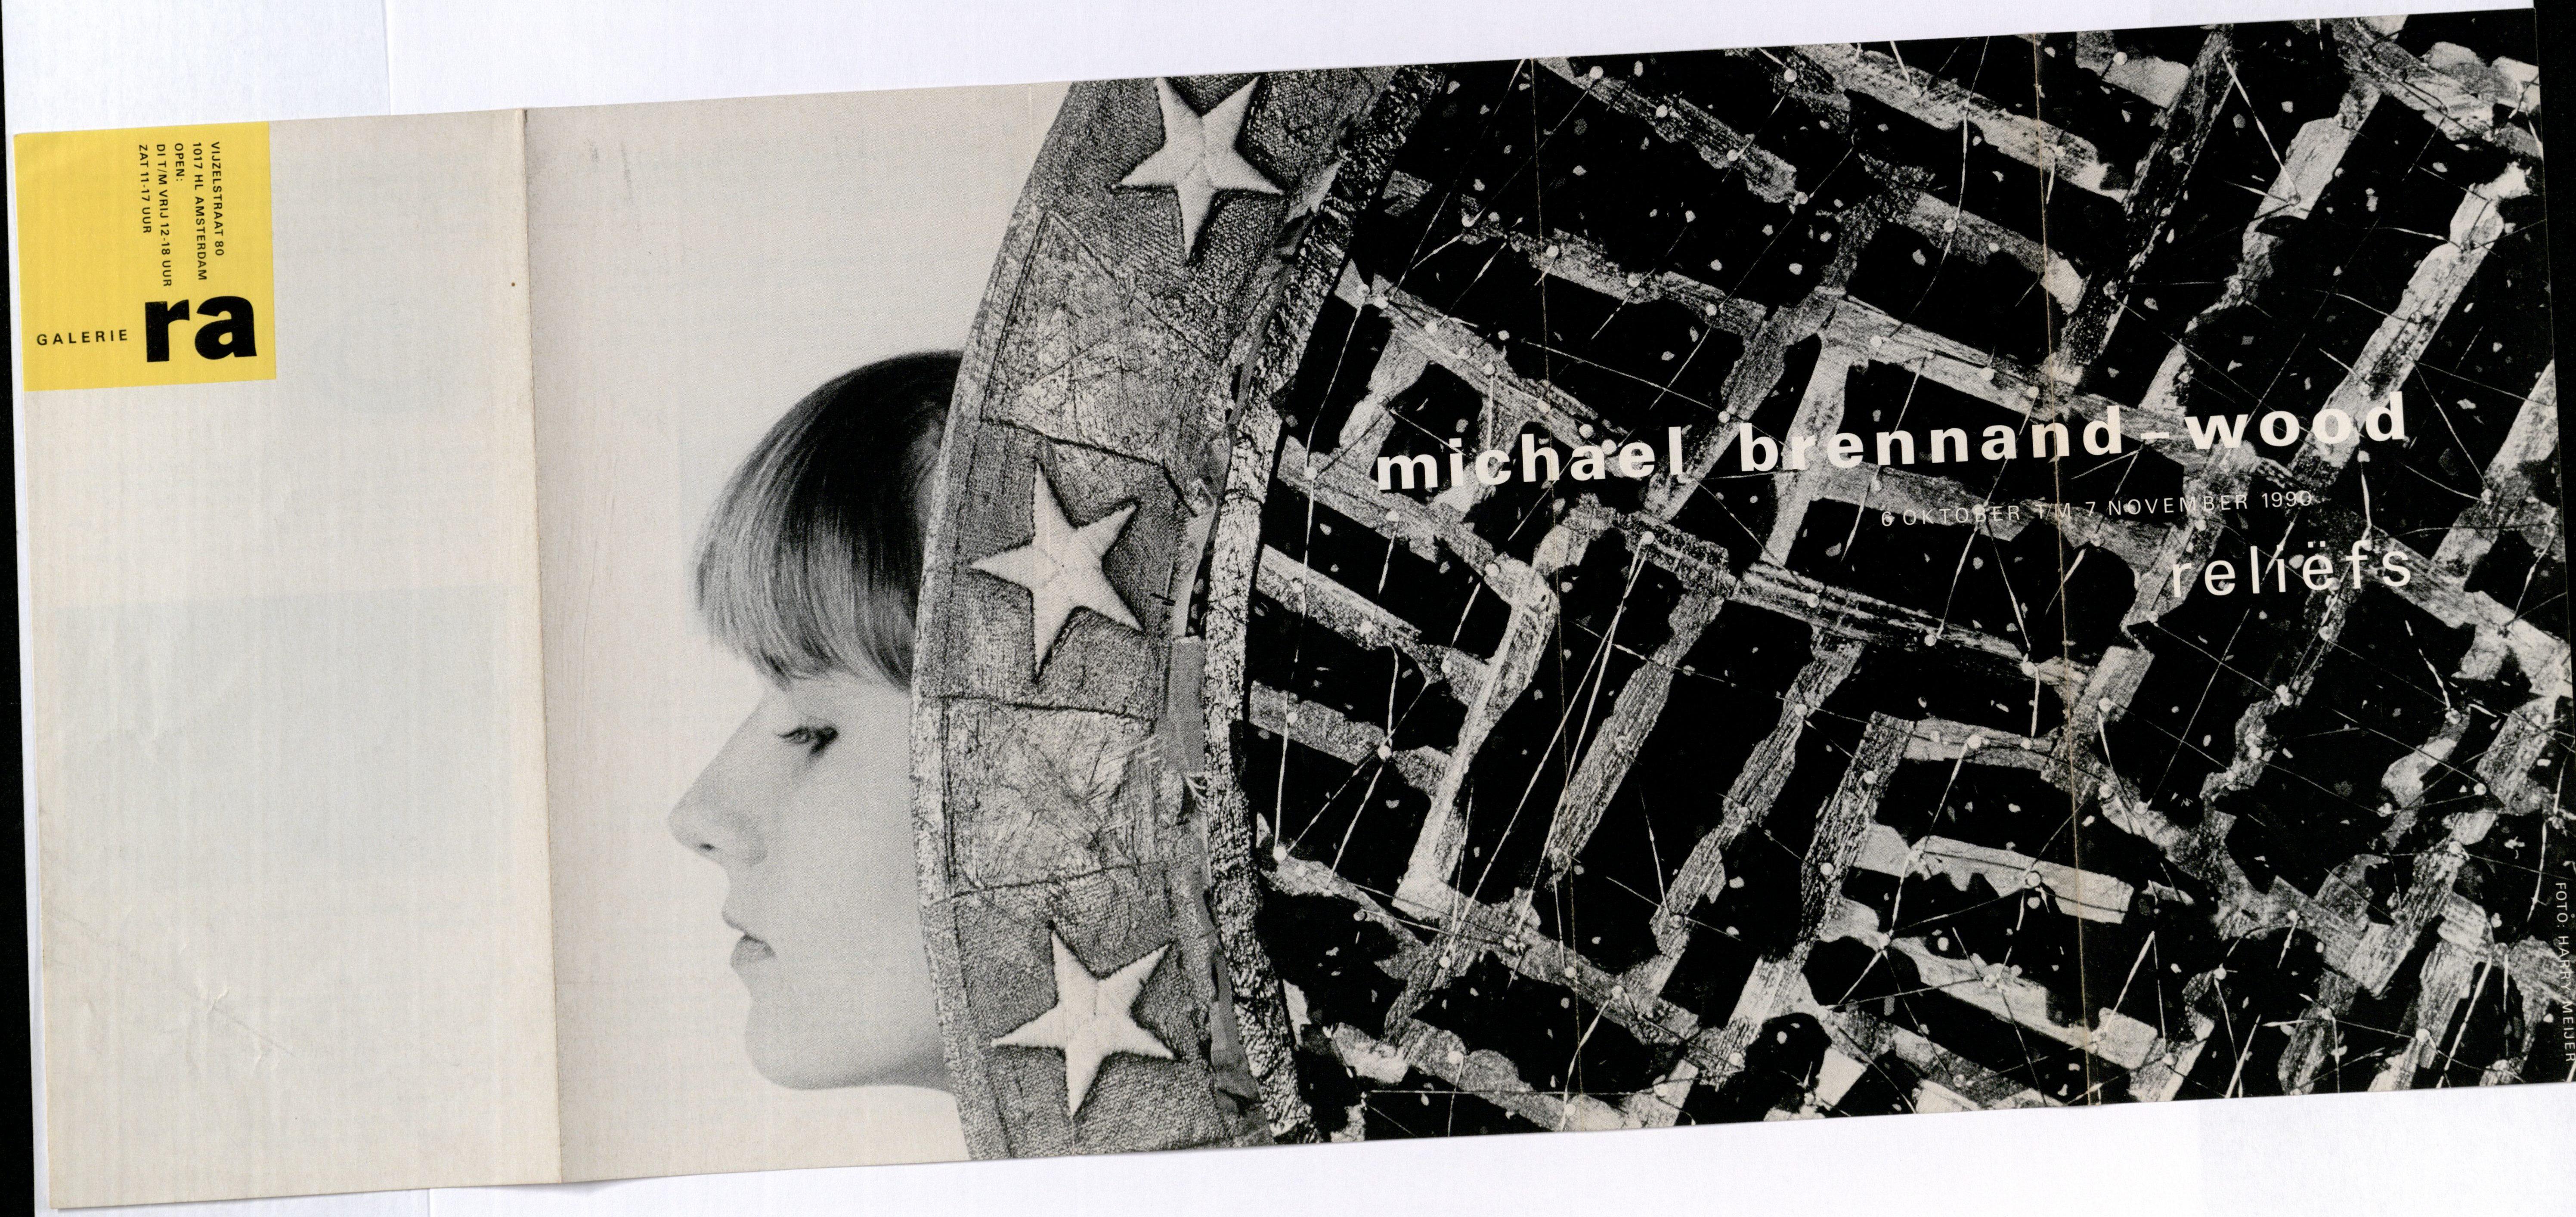 Ra Bulletin 56, oktober 1990, voorzijde met foto van Harry Meijer met reliëf van Michael Brennand-Wood, papier, drukwerk